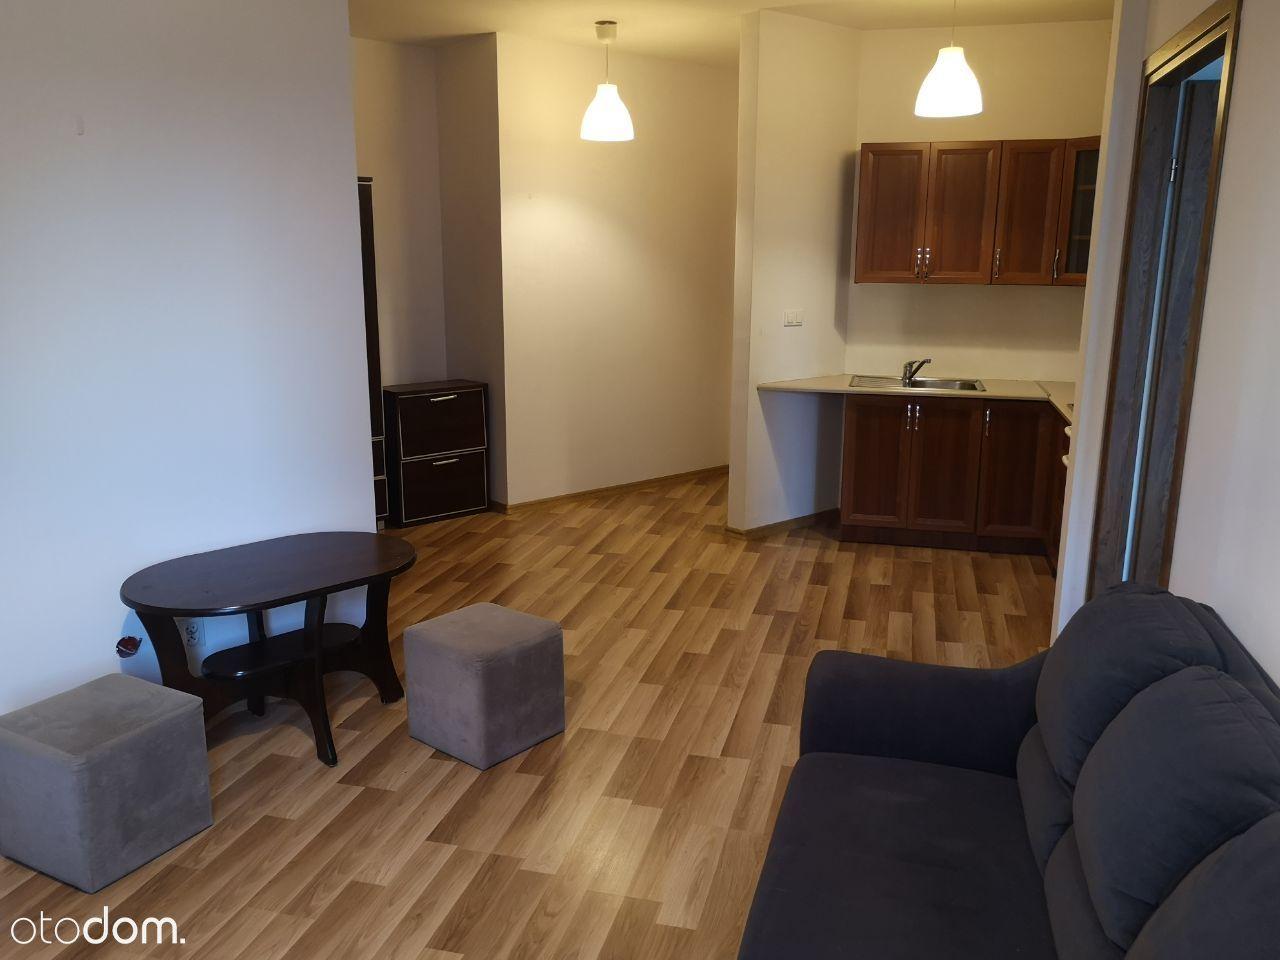 Mieszkanie 40 m2 przy PKP, miejsce parkingowe